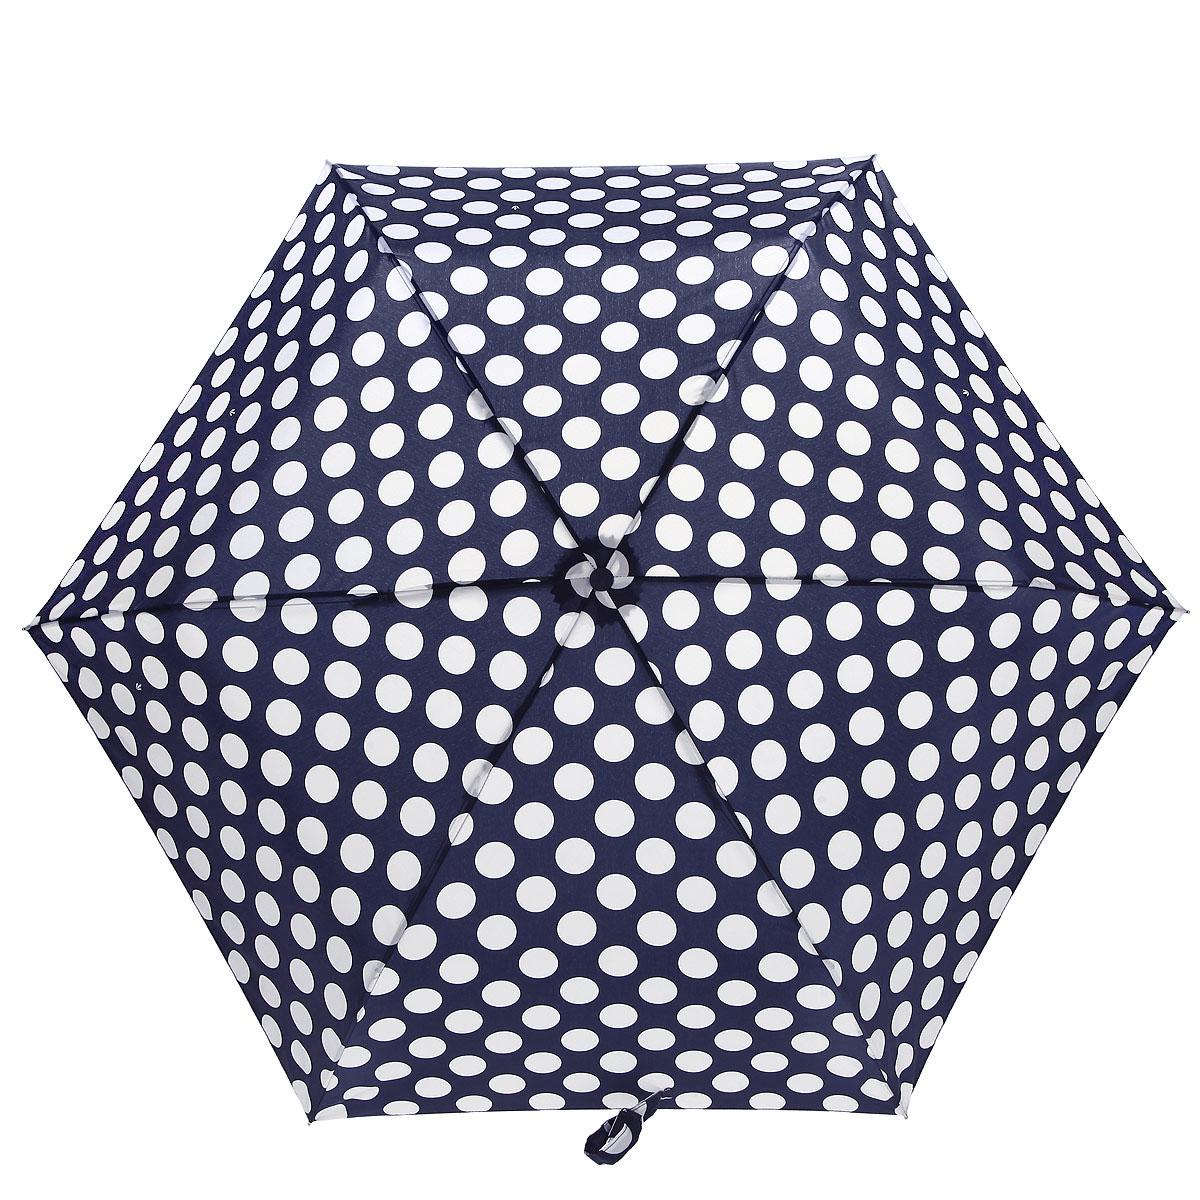 Зонт женский Fulton Superslim-2 Round. Perfect Circle, механический, 2 сложения, цвет: синий, белый. L553-2929L553-2929Стильный супер компактный зонт Fulton Superslim-2 Round. Perfect Circle. Каркас зонтика состоит из шести алюминиевых спиц с элементами из фибергласса, стержень состоит из стали. Зонт оснащен удобной рукояткой из прорезиненного пластика. Купол зонта выполнен из прочного полиэстера и оформлен изображением кругов. На рукоятке для удобства есть небольшой шнурок, позволяющий надеть зонт на руку тогда, когда это будет необходимо. К зонту прилагается чехол на липучке. Зонт механического сложения: купол открывается и закрывается вручную до характерного щелчка. . Такой зонт даже в ненастную погоду позволит вам оставаться женственной и элегантной.